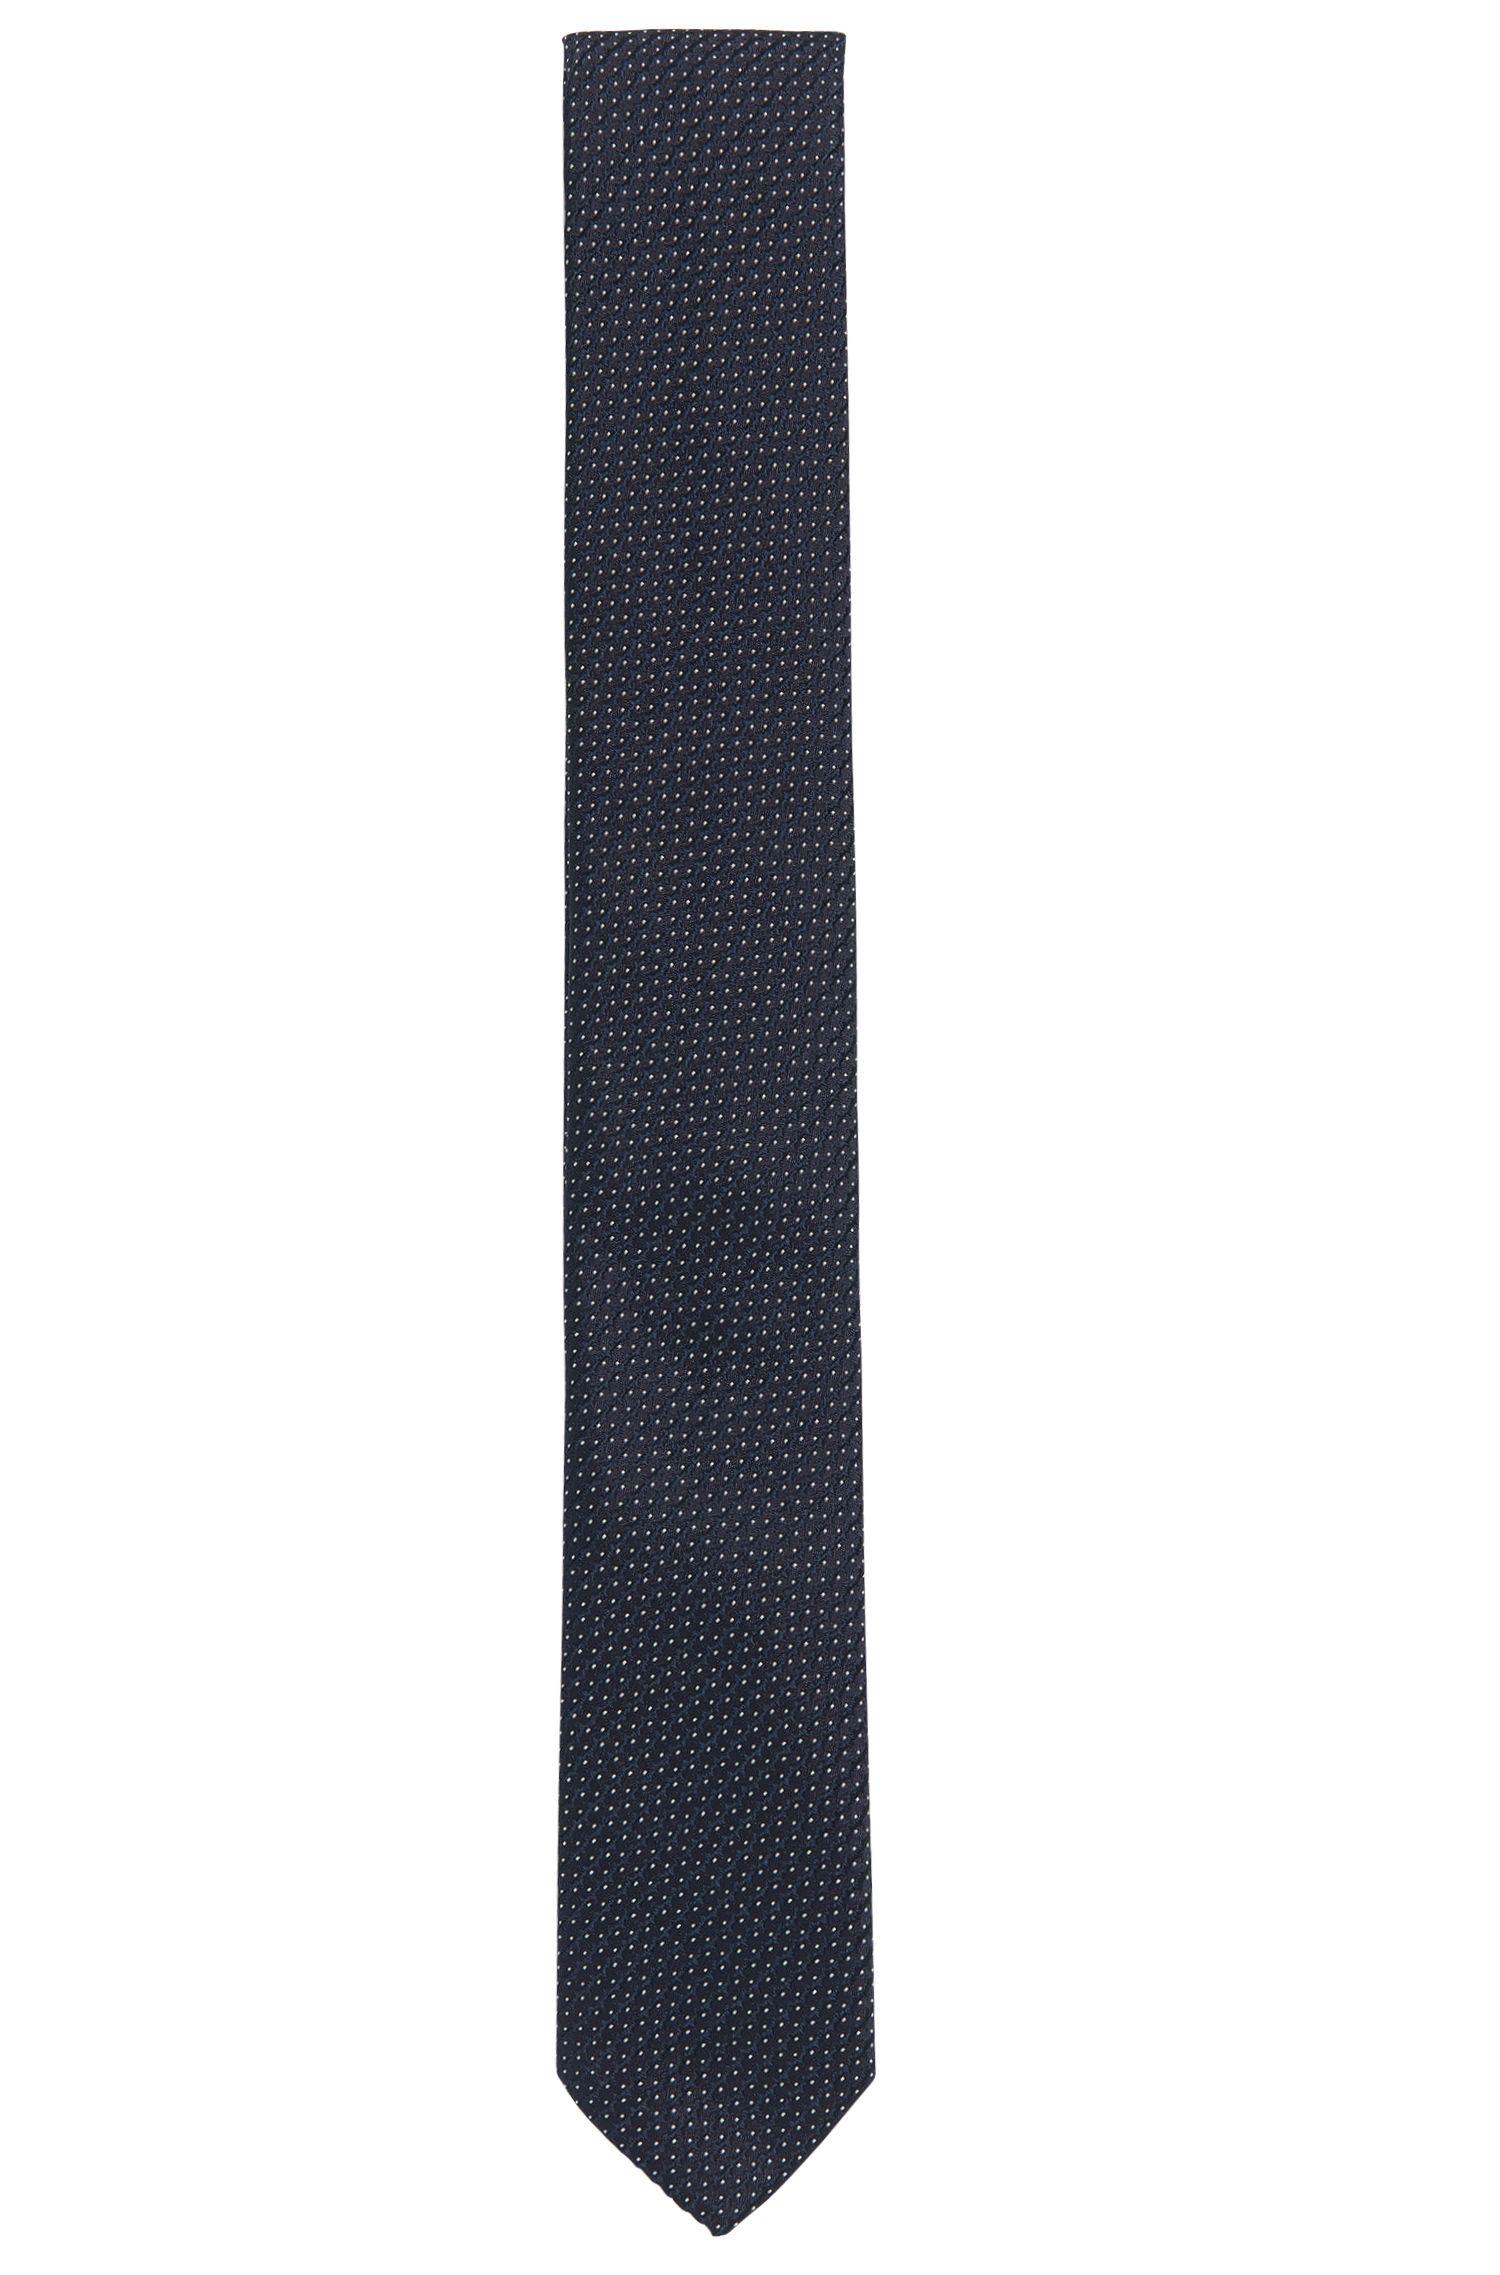 Krawatte aus Seiden-Jacquard mit Muster in 3D-Optik